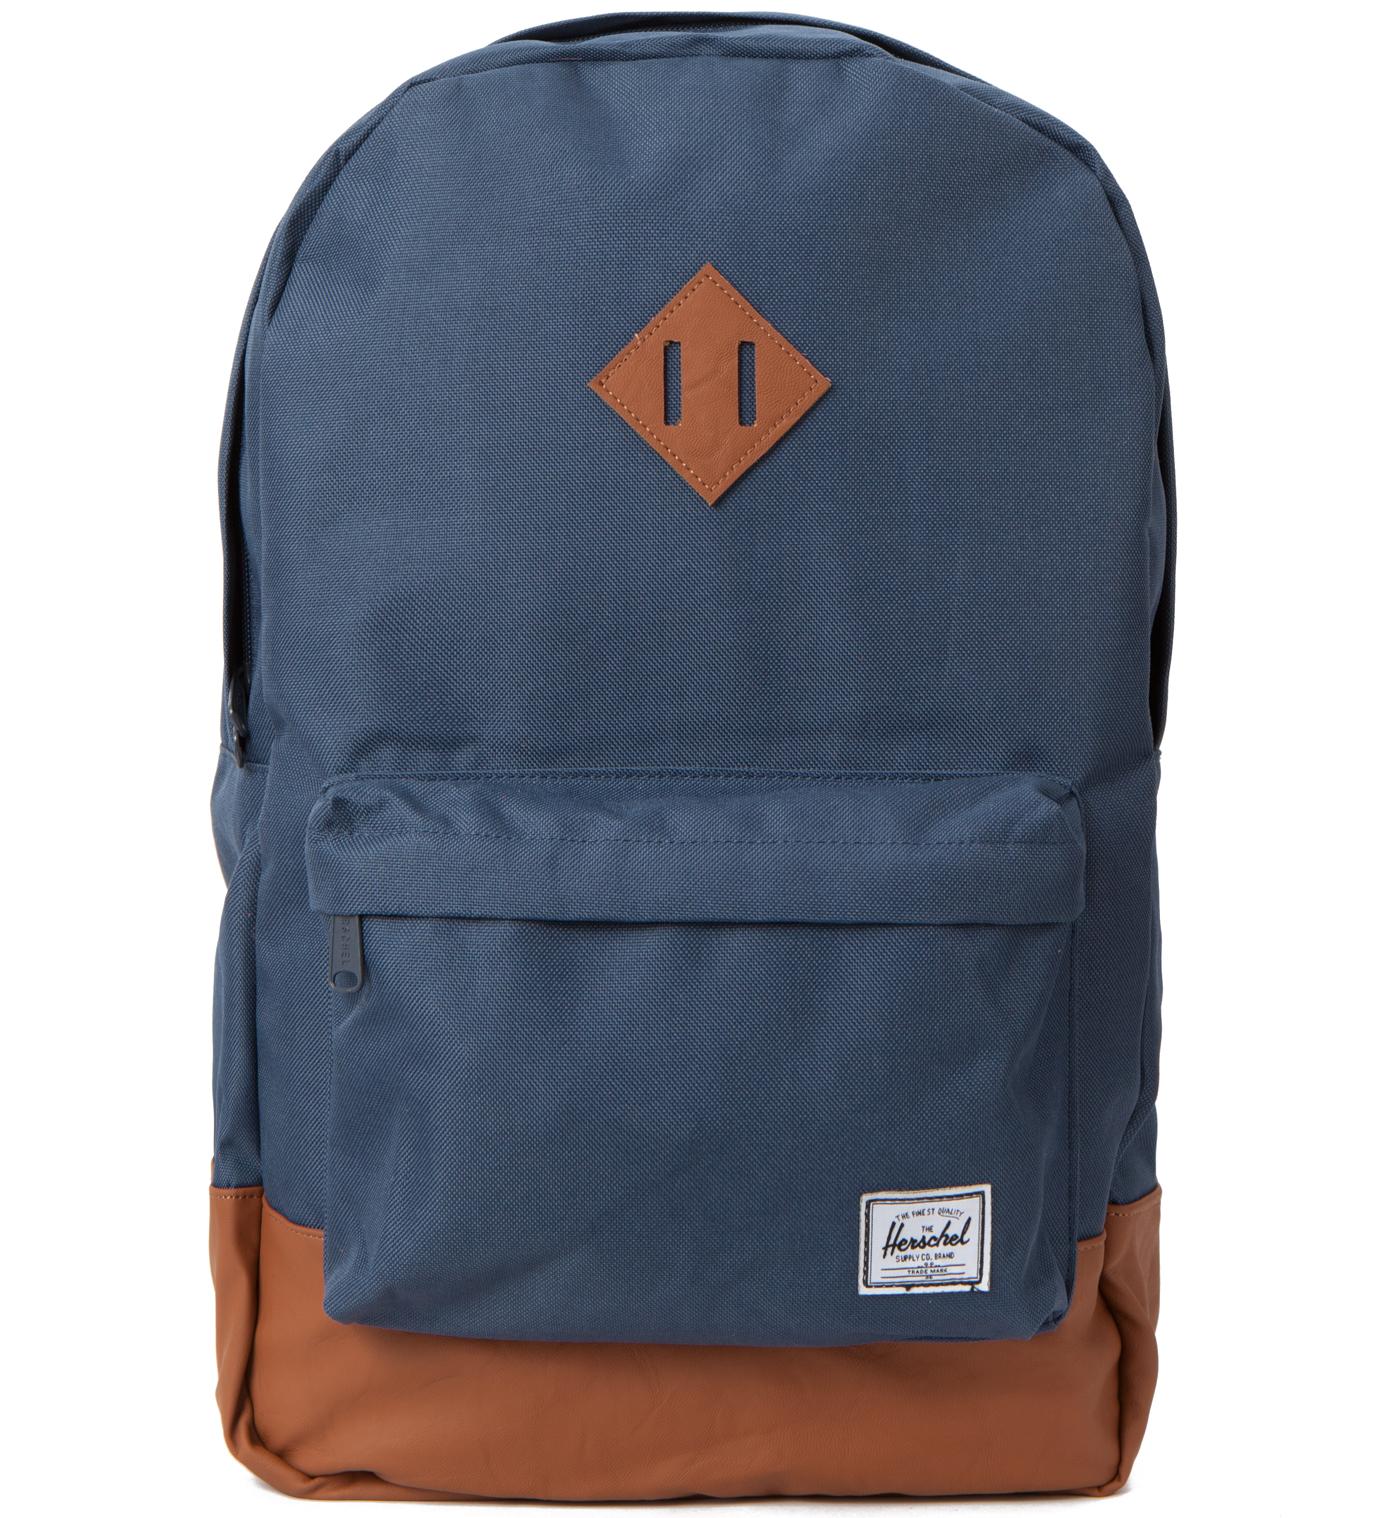 Herschel Supply Co. Navy/Tan Heritage Backpack